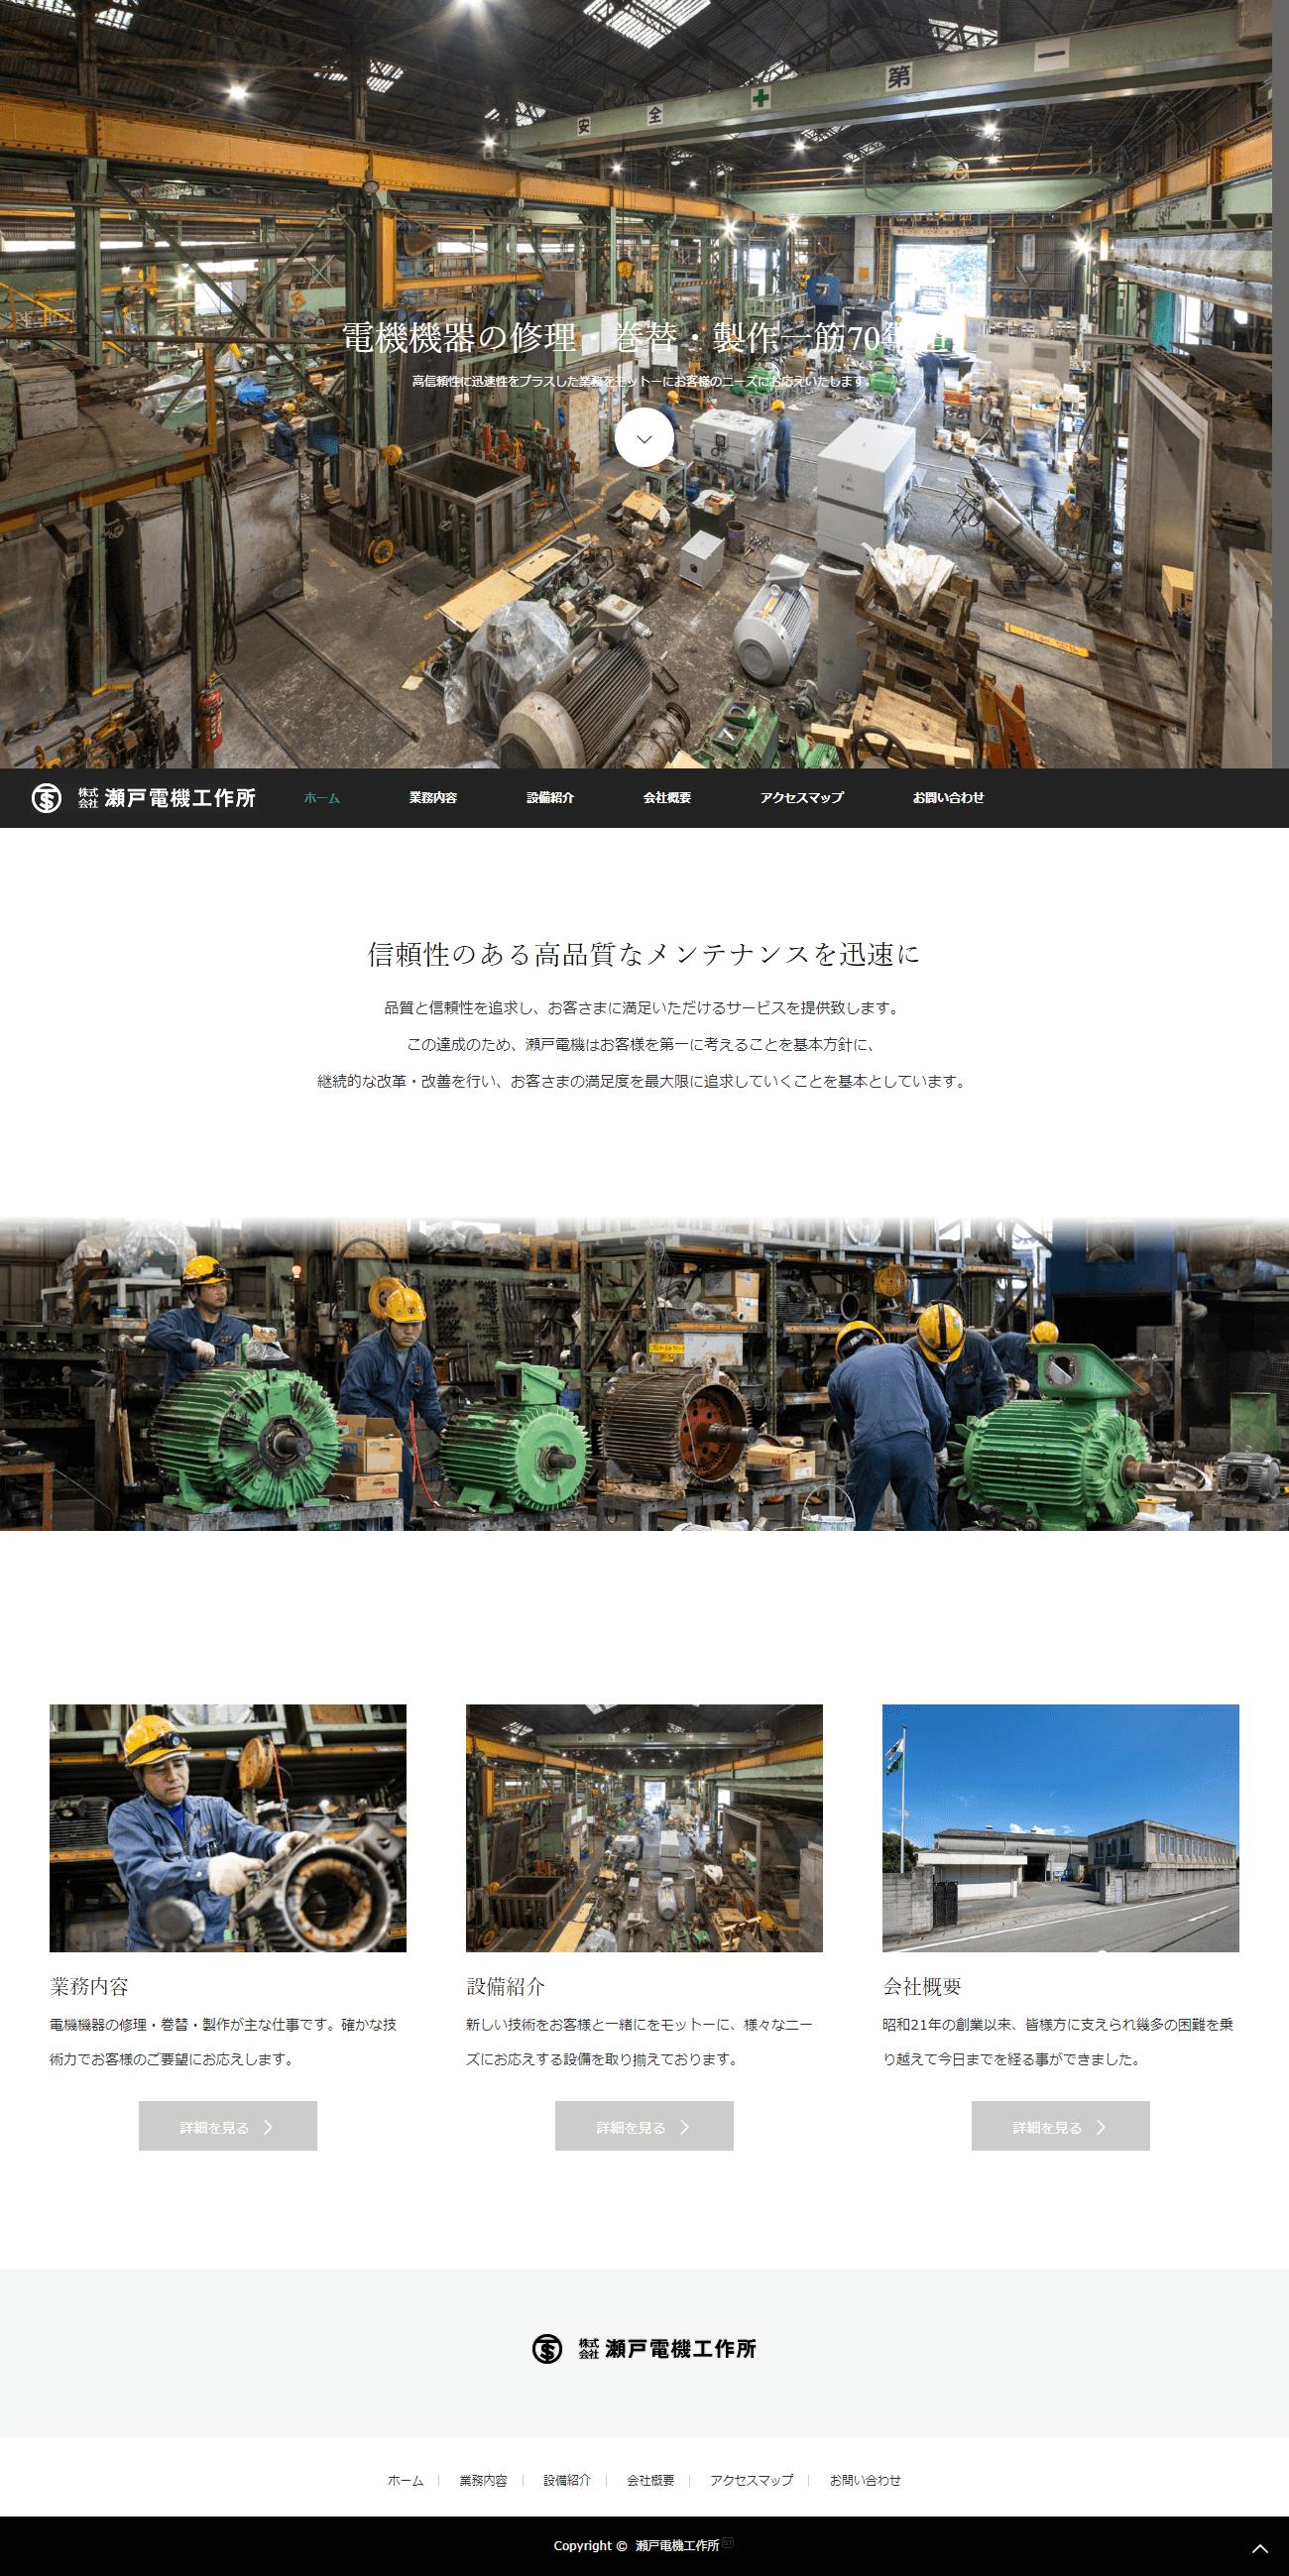 姫路市 株式会社瀬戸電機工作所様 ホームページ制作1